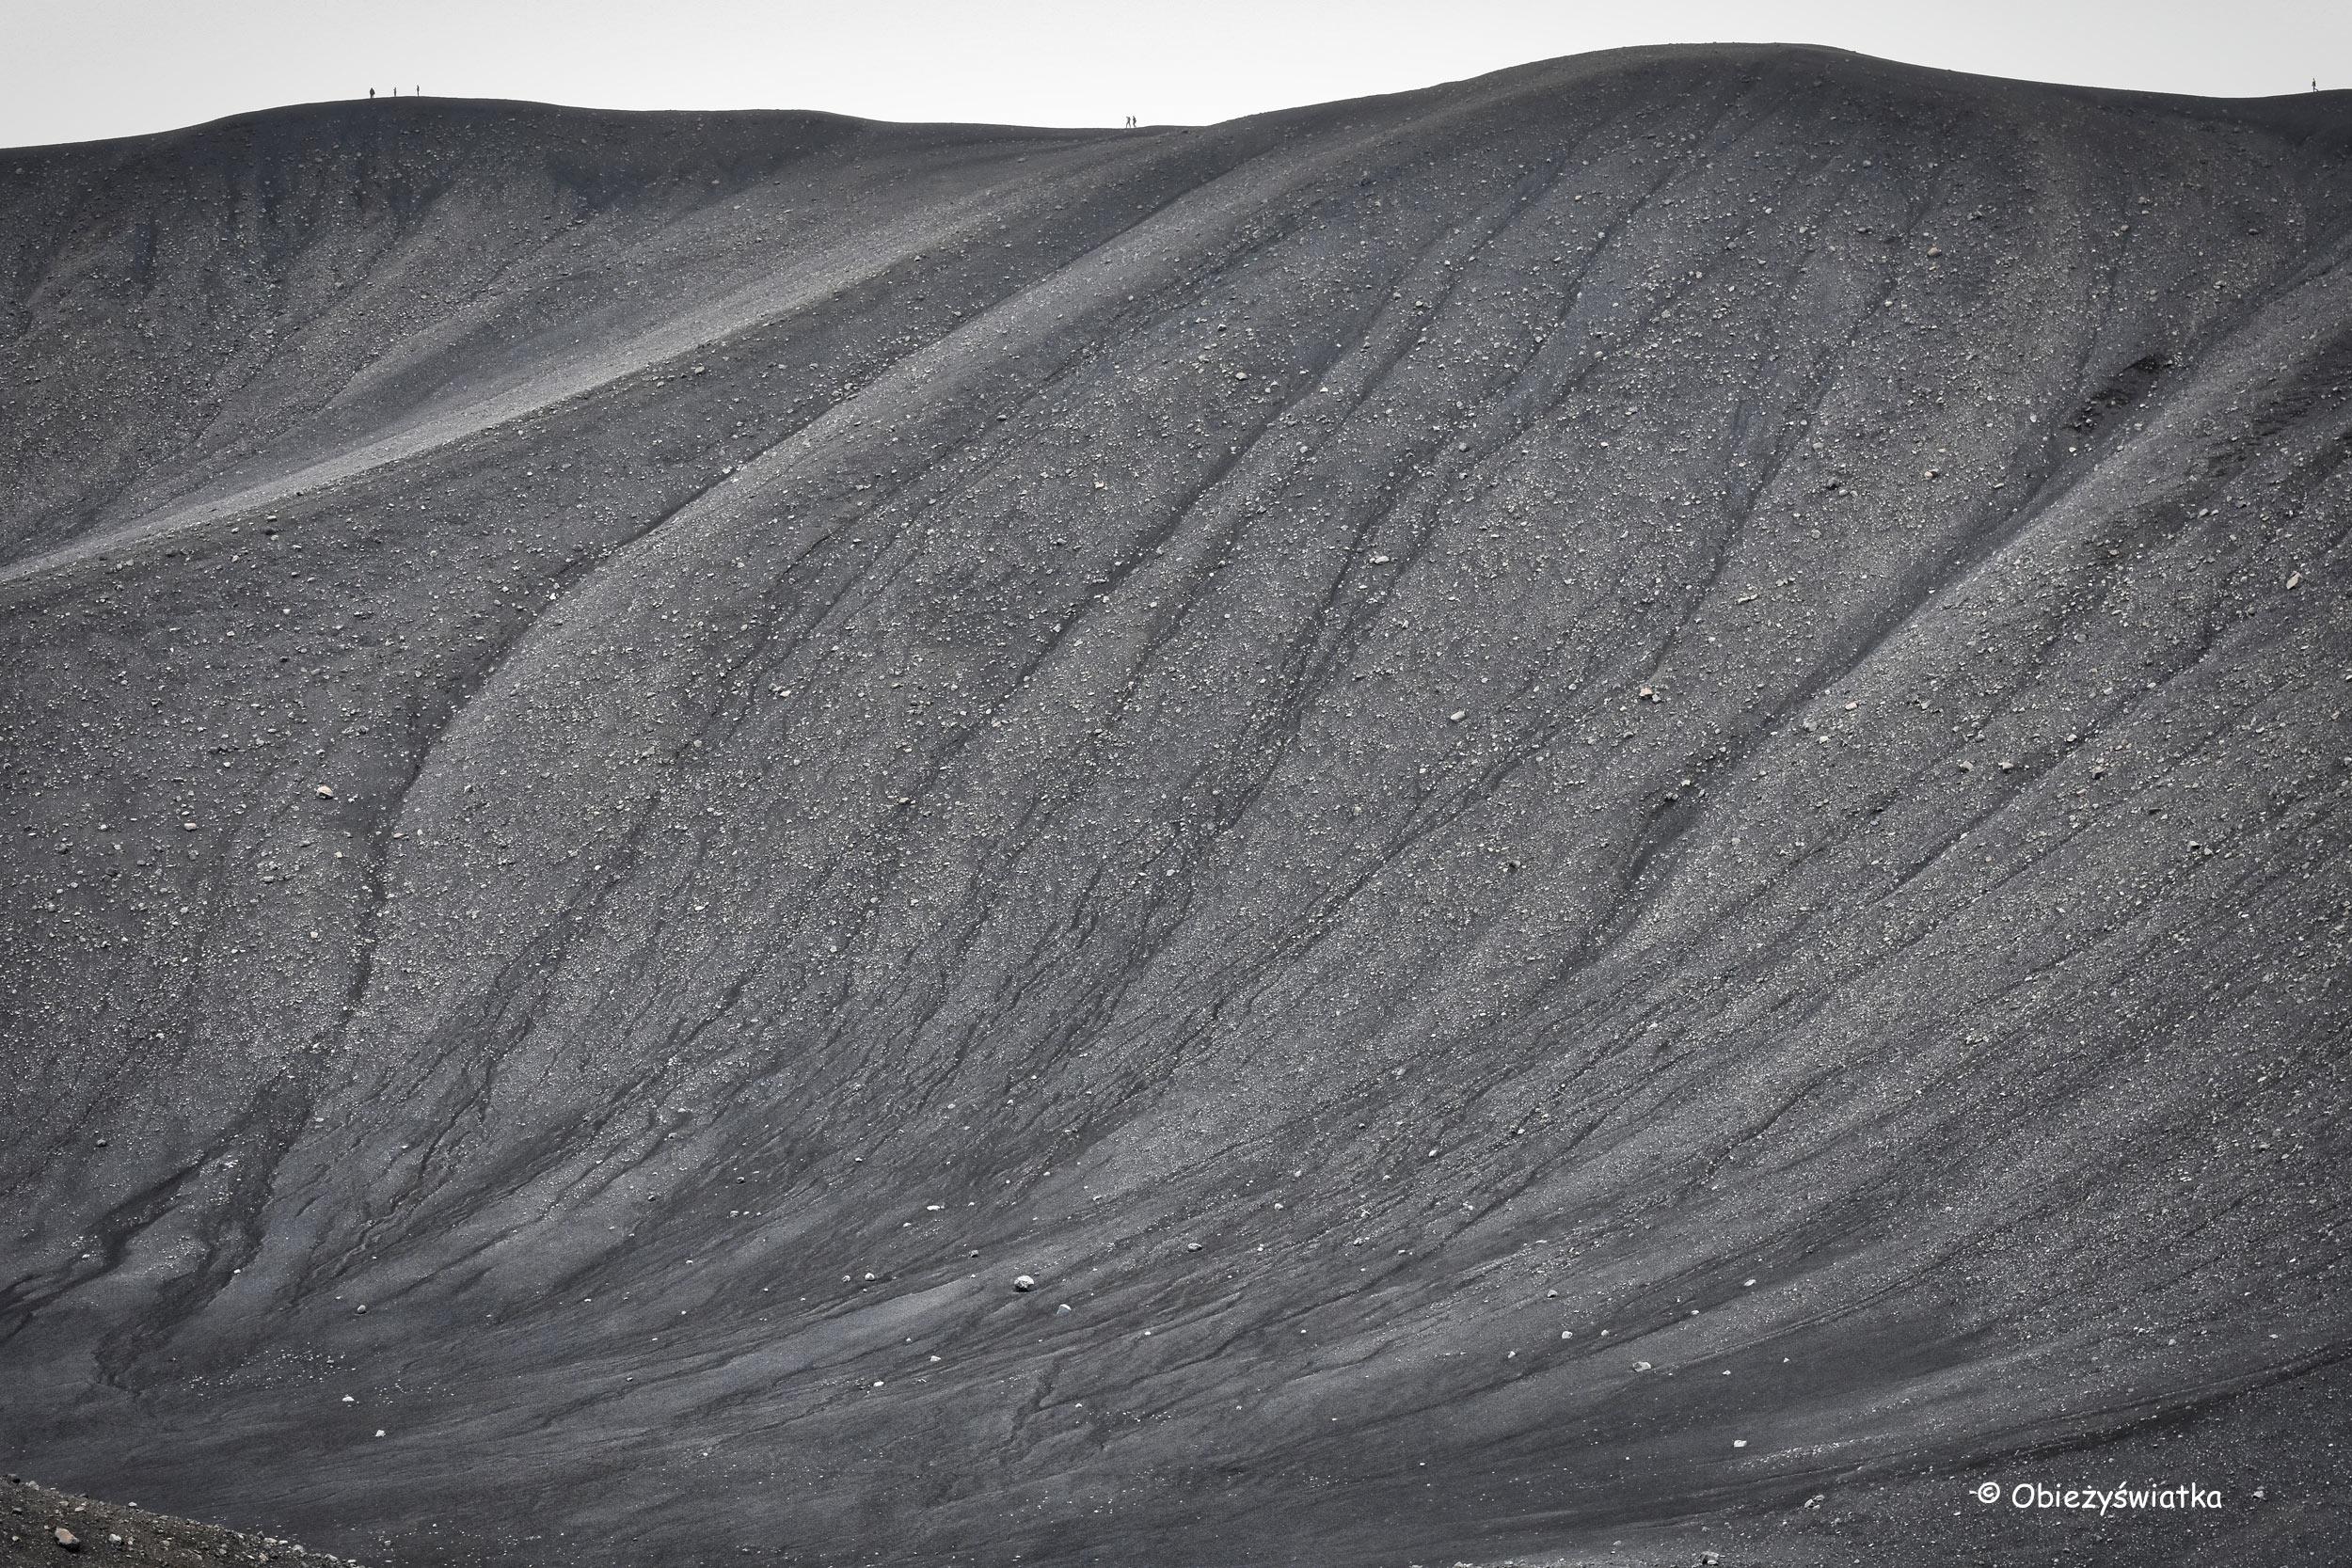 Minimalistycznie - wulkan Hverfjall, Islandia